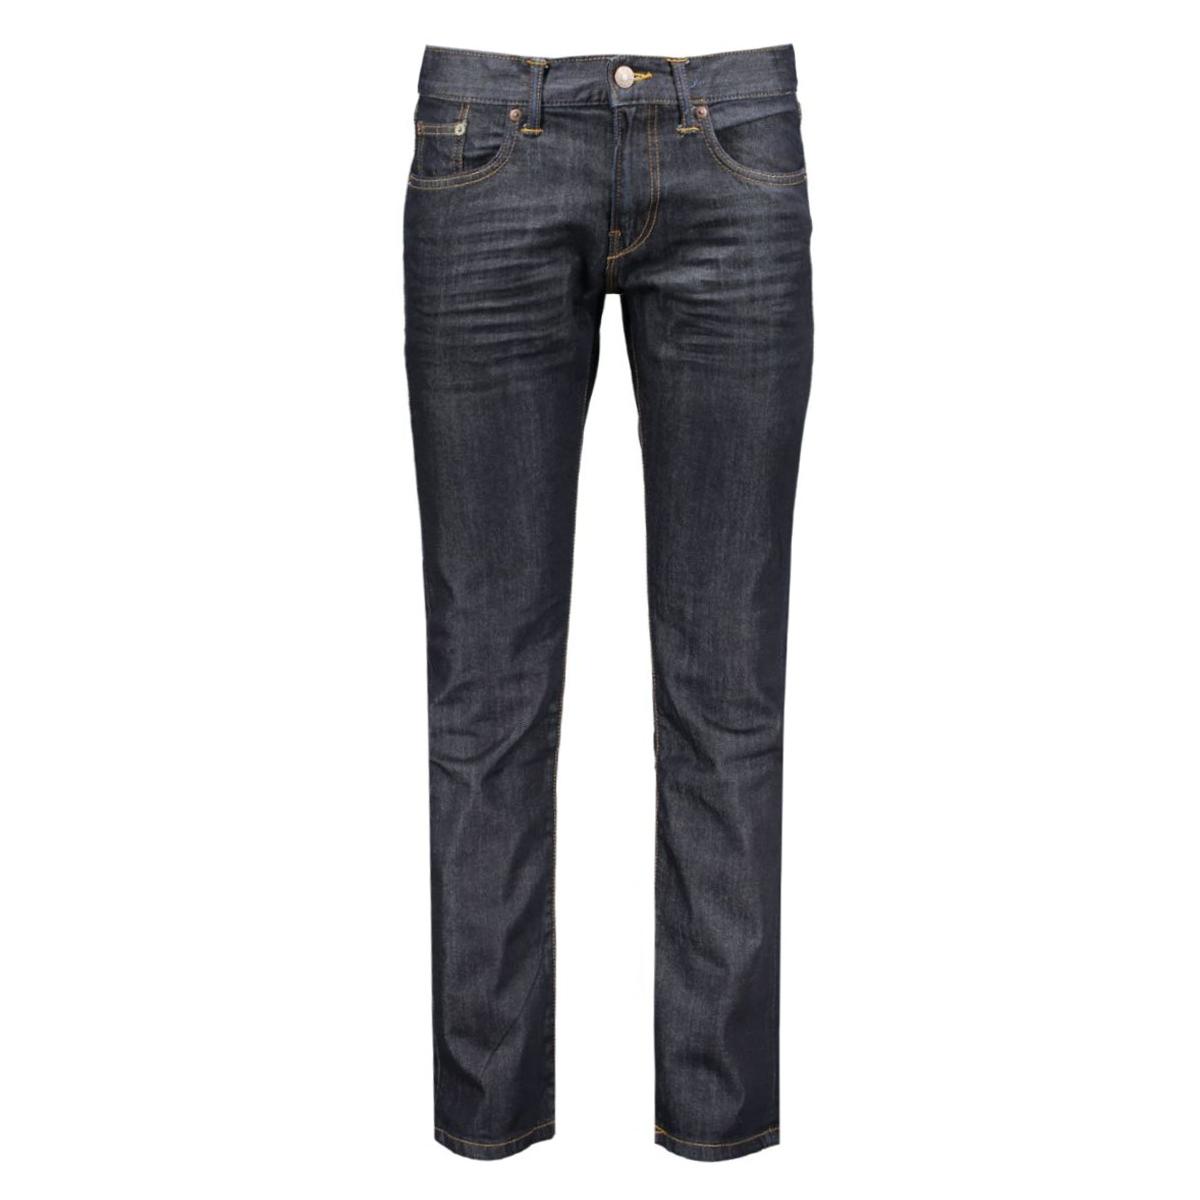 994ee2b903 esprit jeans 932